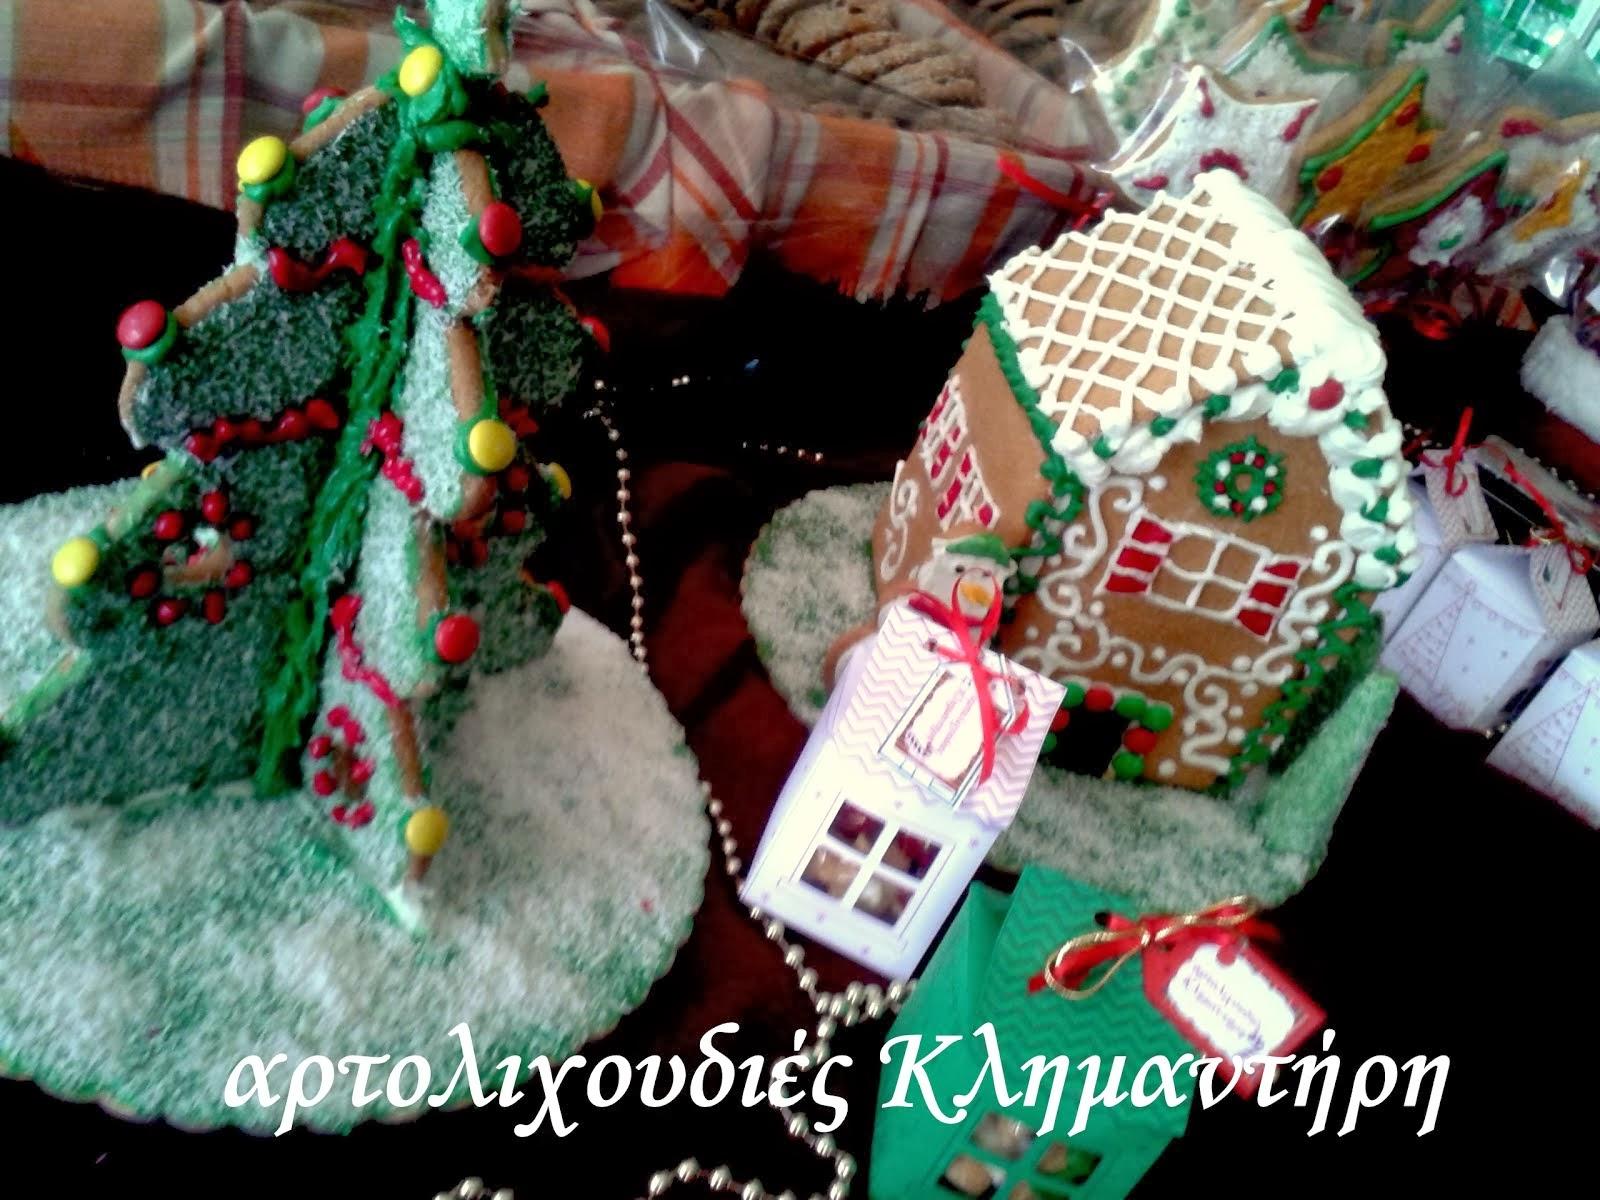 Χριστουγεννιάτικα μπισκοτόσπιτα και μπισκοτόδεντρα!